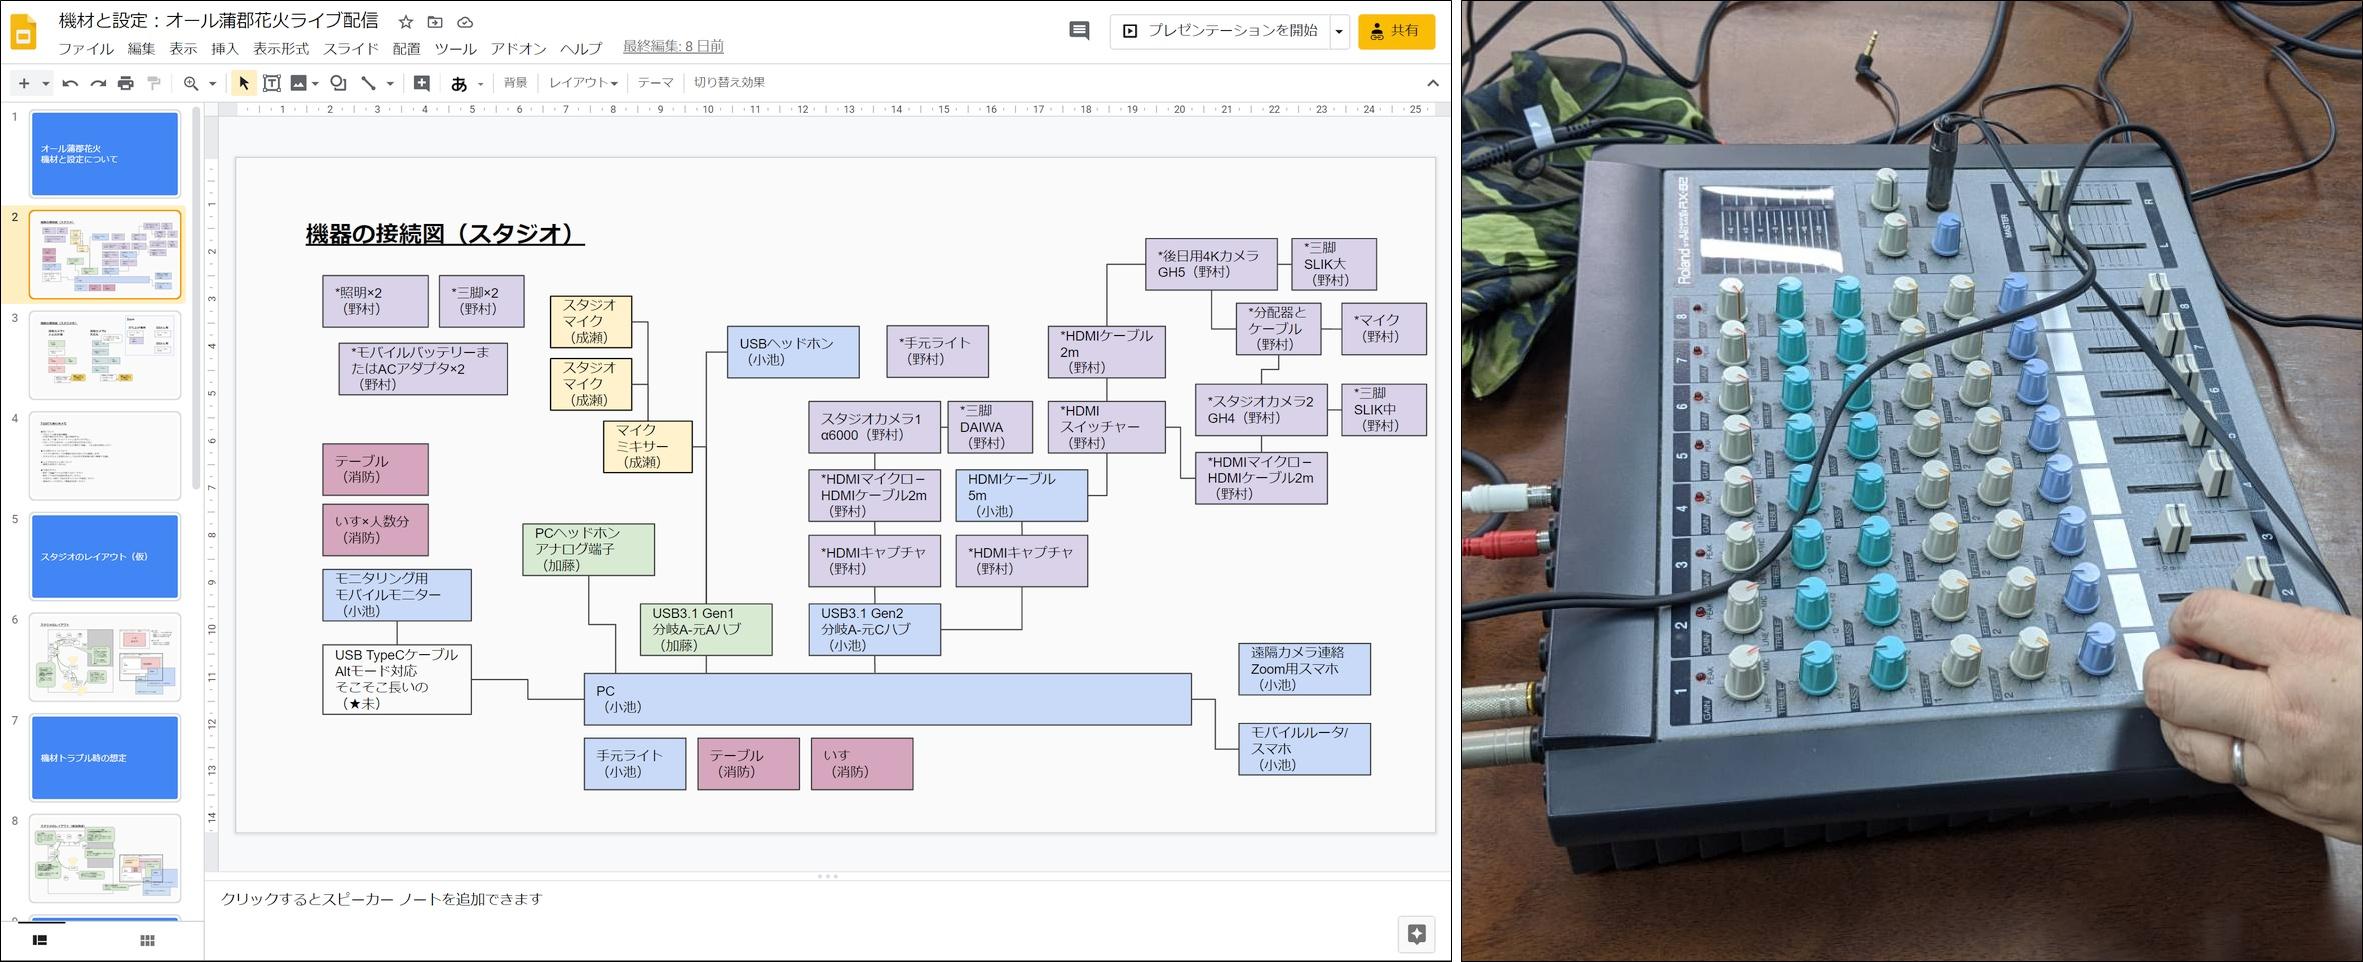 システムの設計図